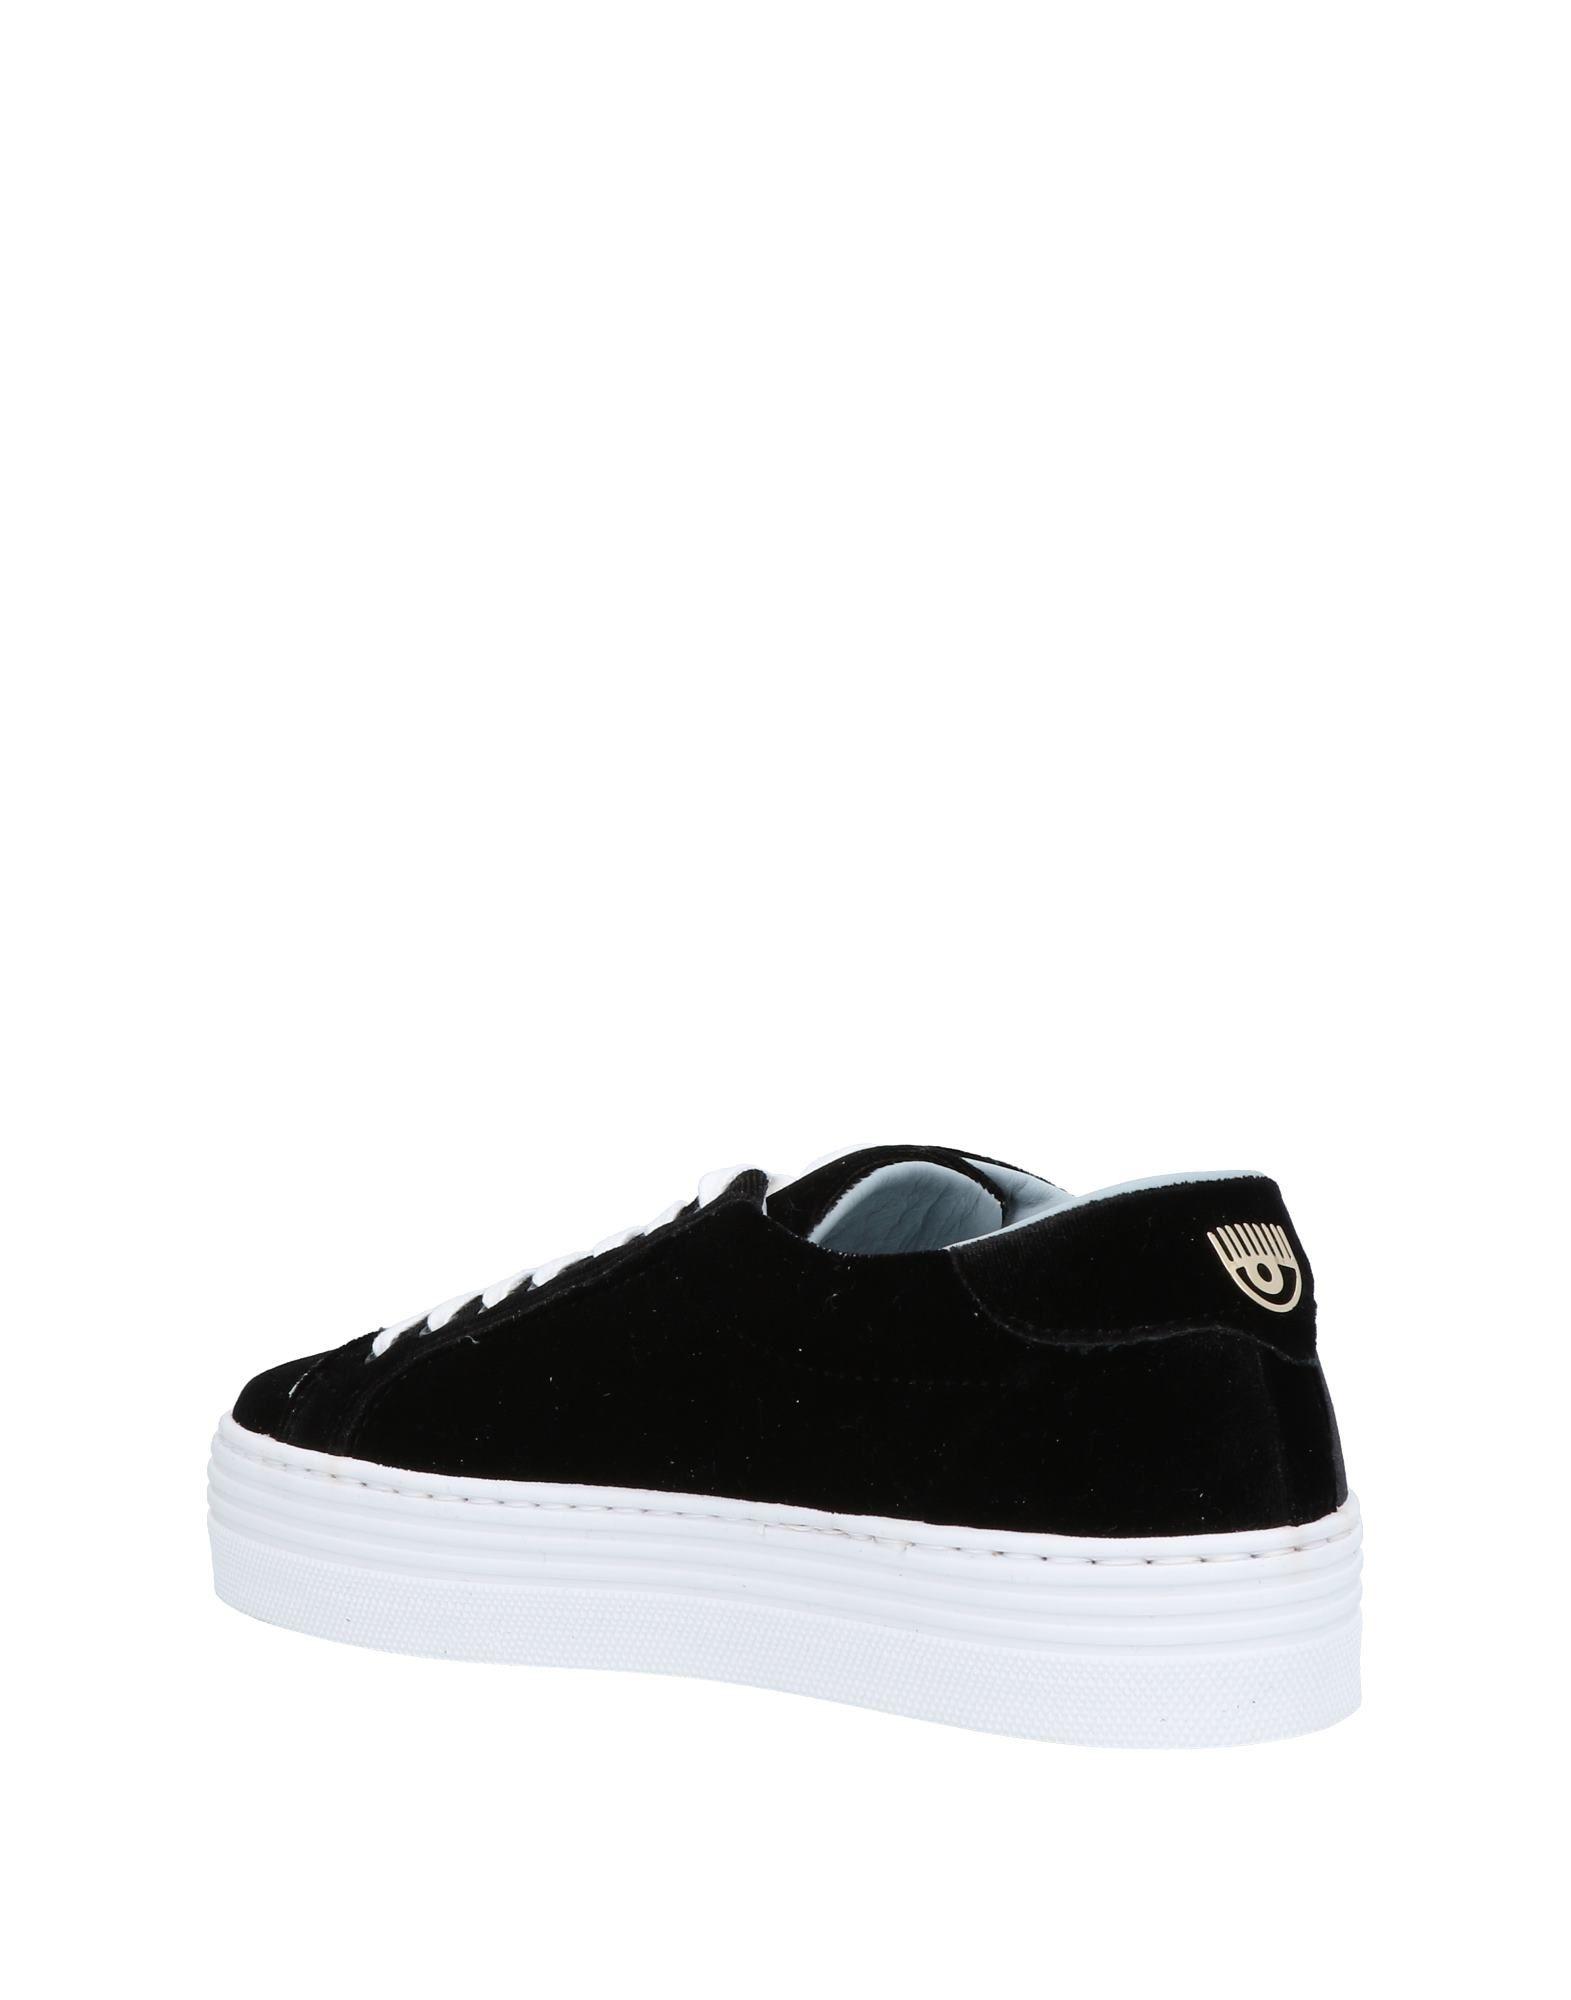 Stilvolle Sneakers billige Schuhe Chiara Ferragni Sneakers Stilvolle Damen  11452596FE f8d5eb